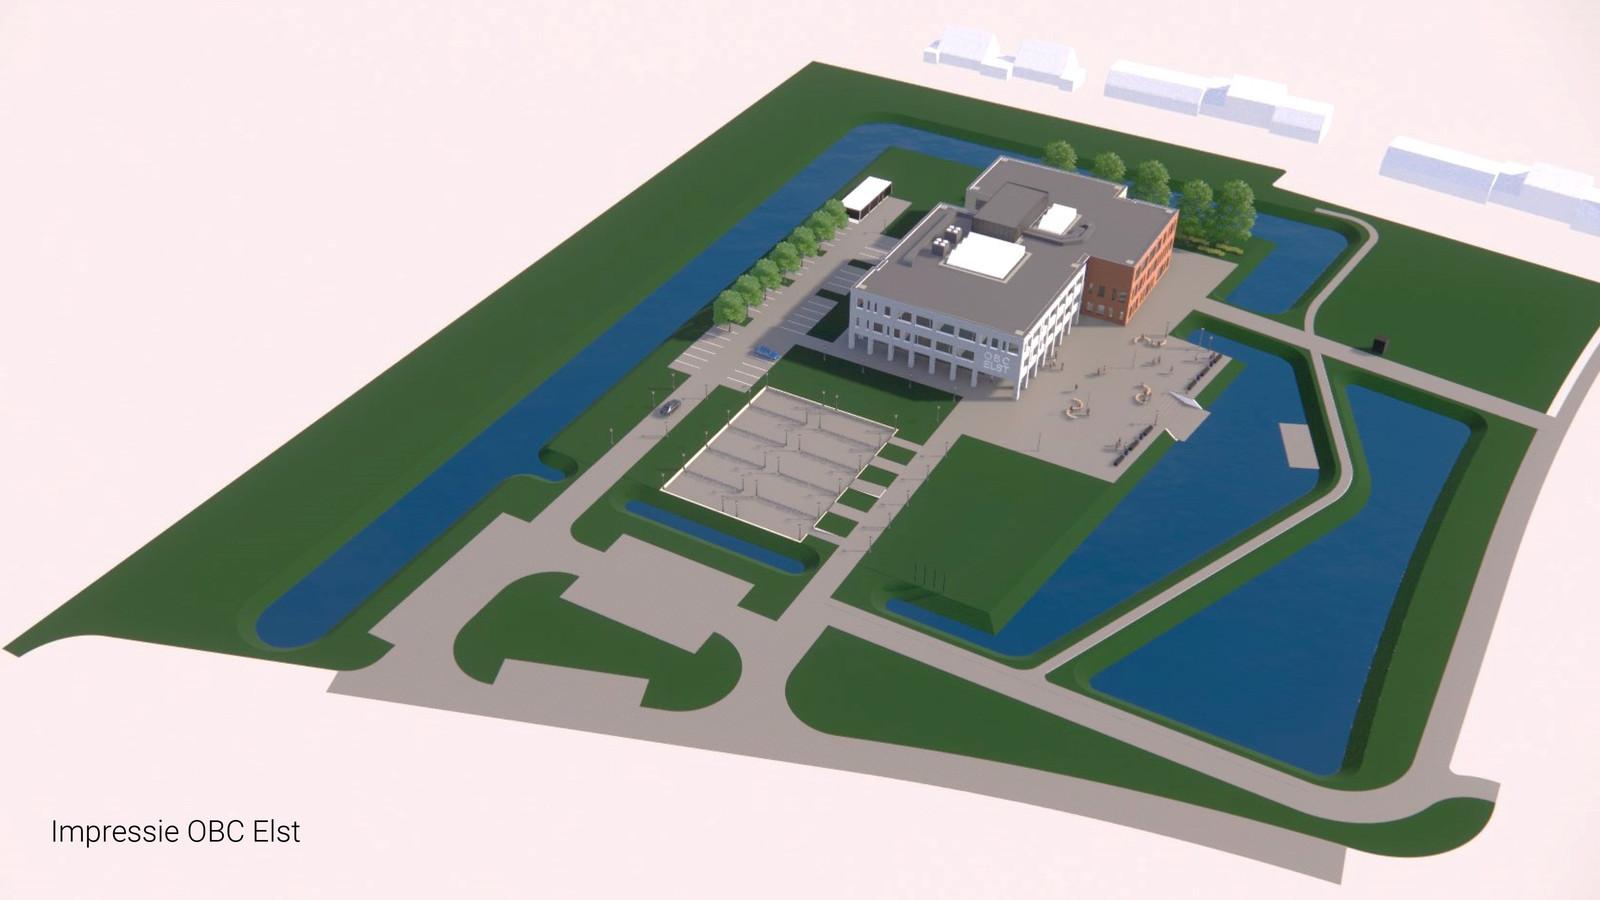 Impressie van de nieuwbouw van OBC in Elst.